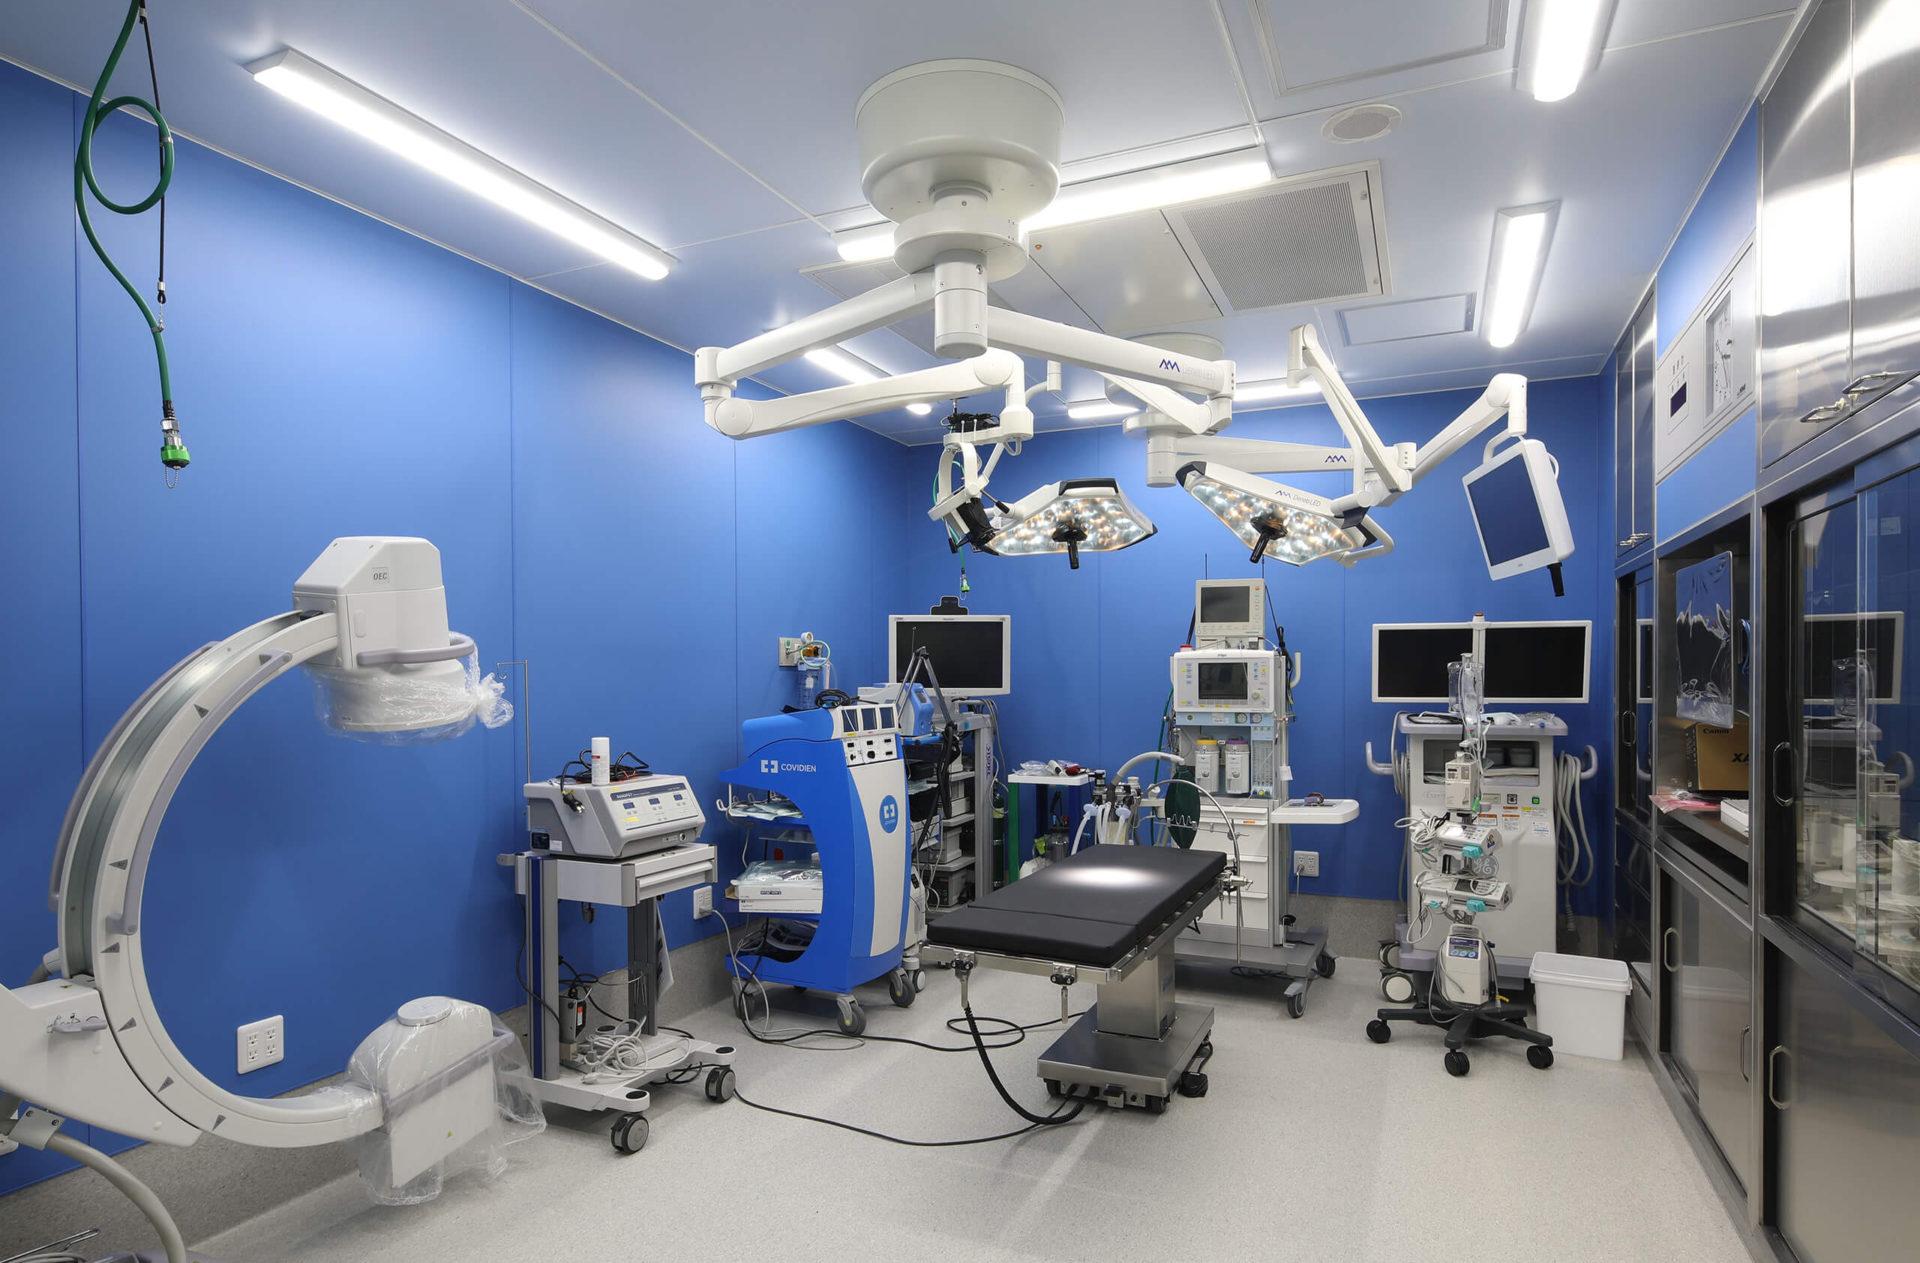 犬猫専門二次診療対応の動物病院なら【たぐち動物病院付属動物医療センター】陽圧手術室|滅菌体制が整った、大学病院並の広さのある手術室と先進機器を完備